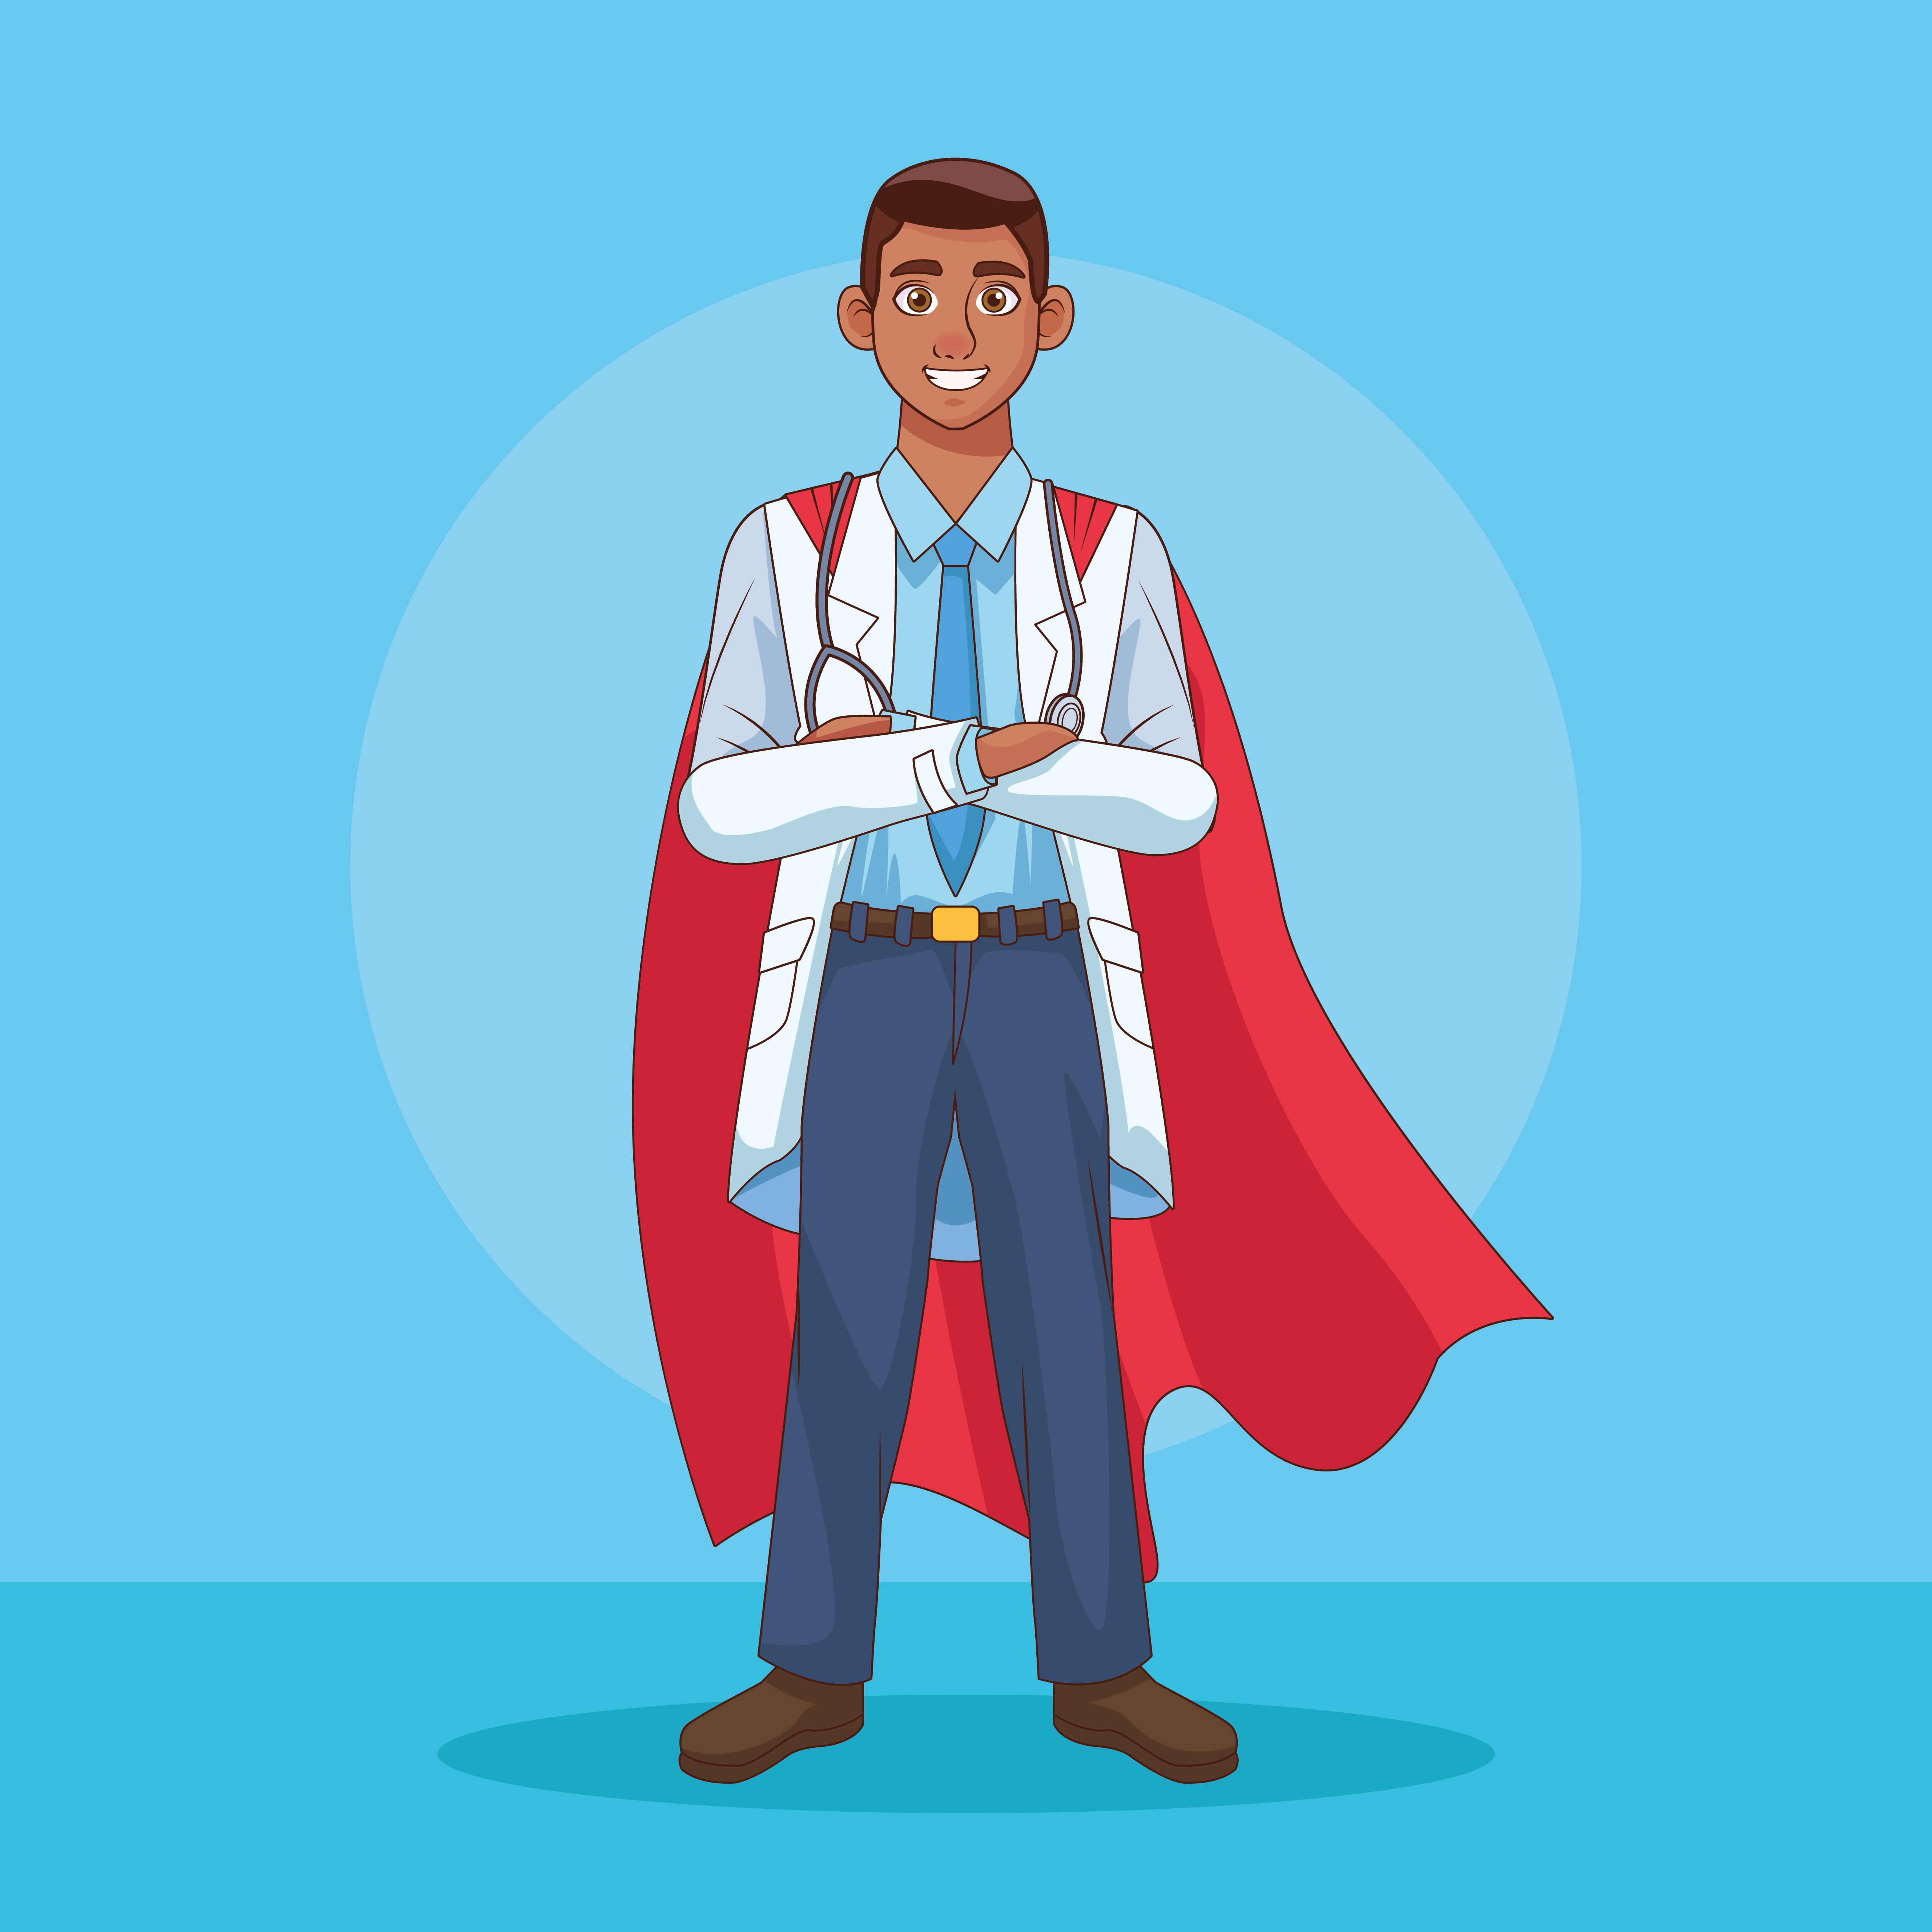 un doctor con capa de héroe